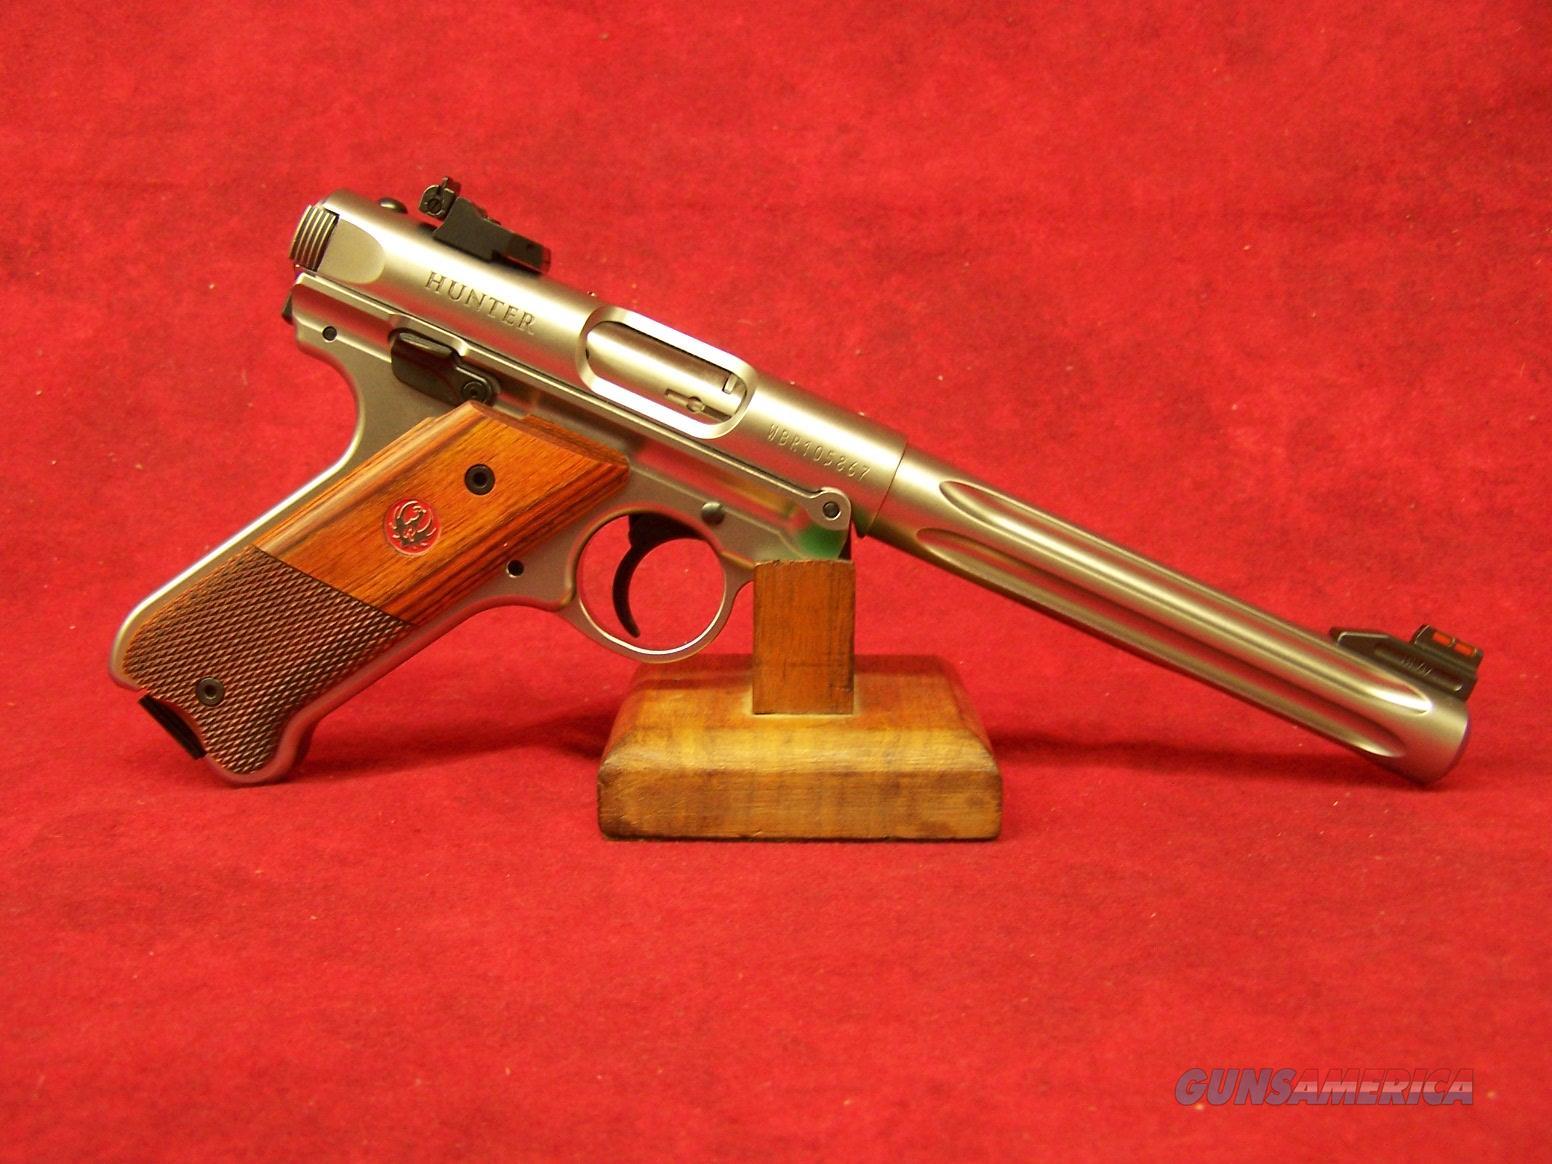 """RUGER MK IV HUNTER 22LR 6.88"""" FLTD BULL SS FOS (40118)  Guns > Pistols > Ruger Semi-Auto Pistols > Mark I/II/III/IV Family"""